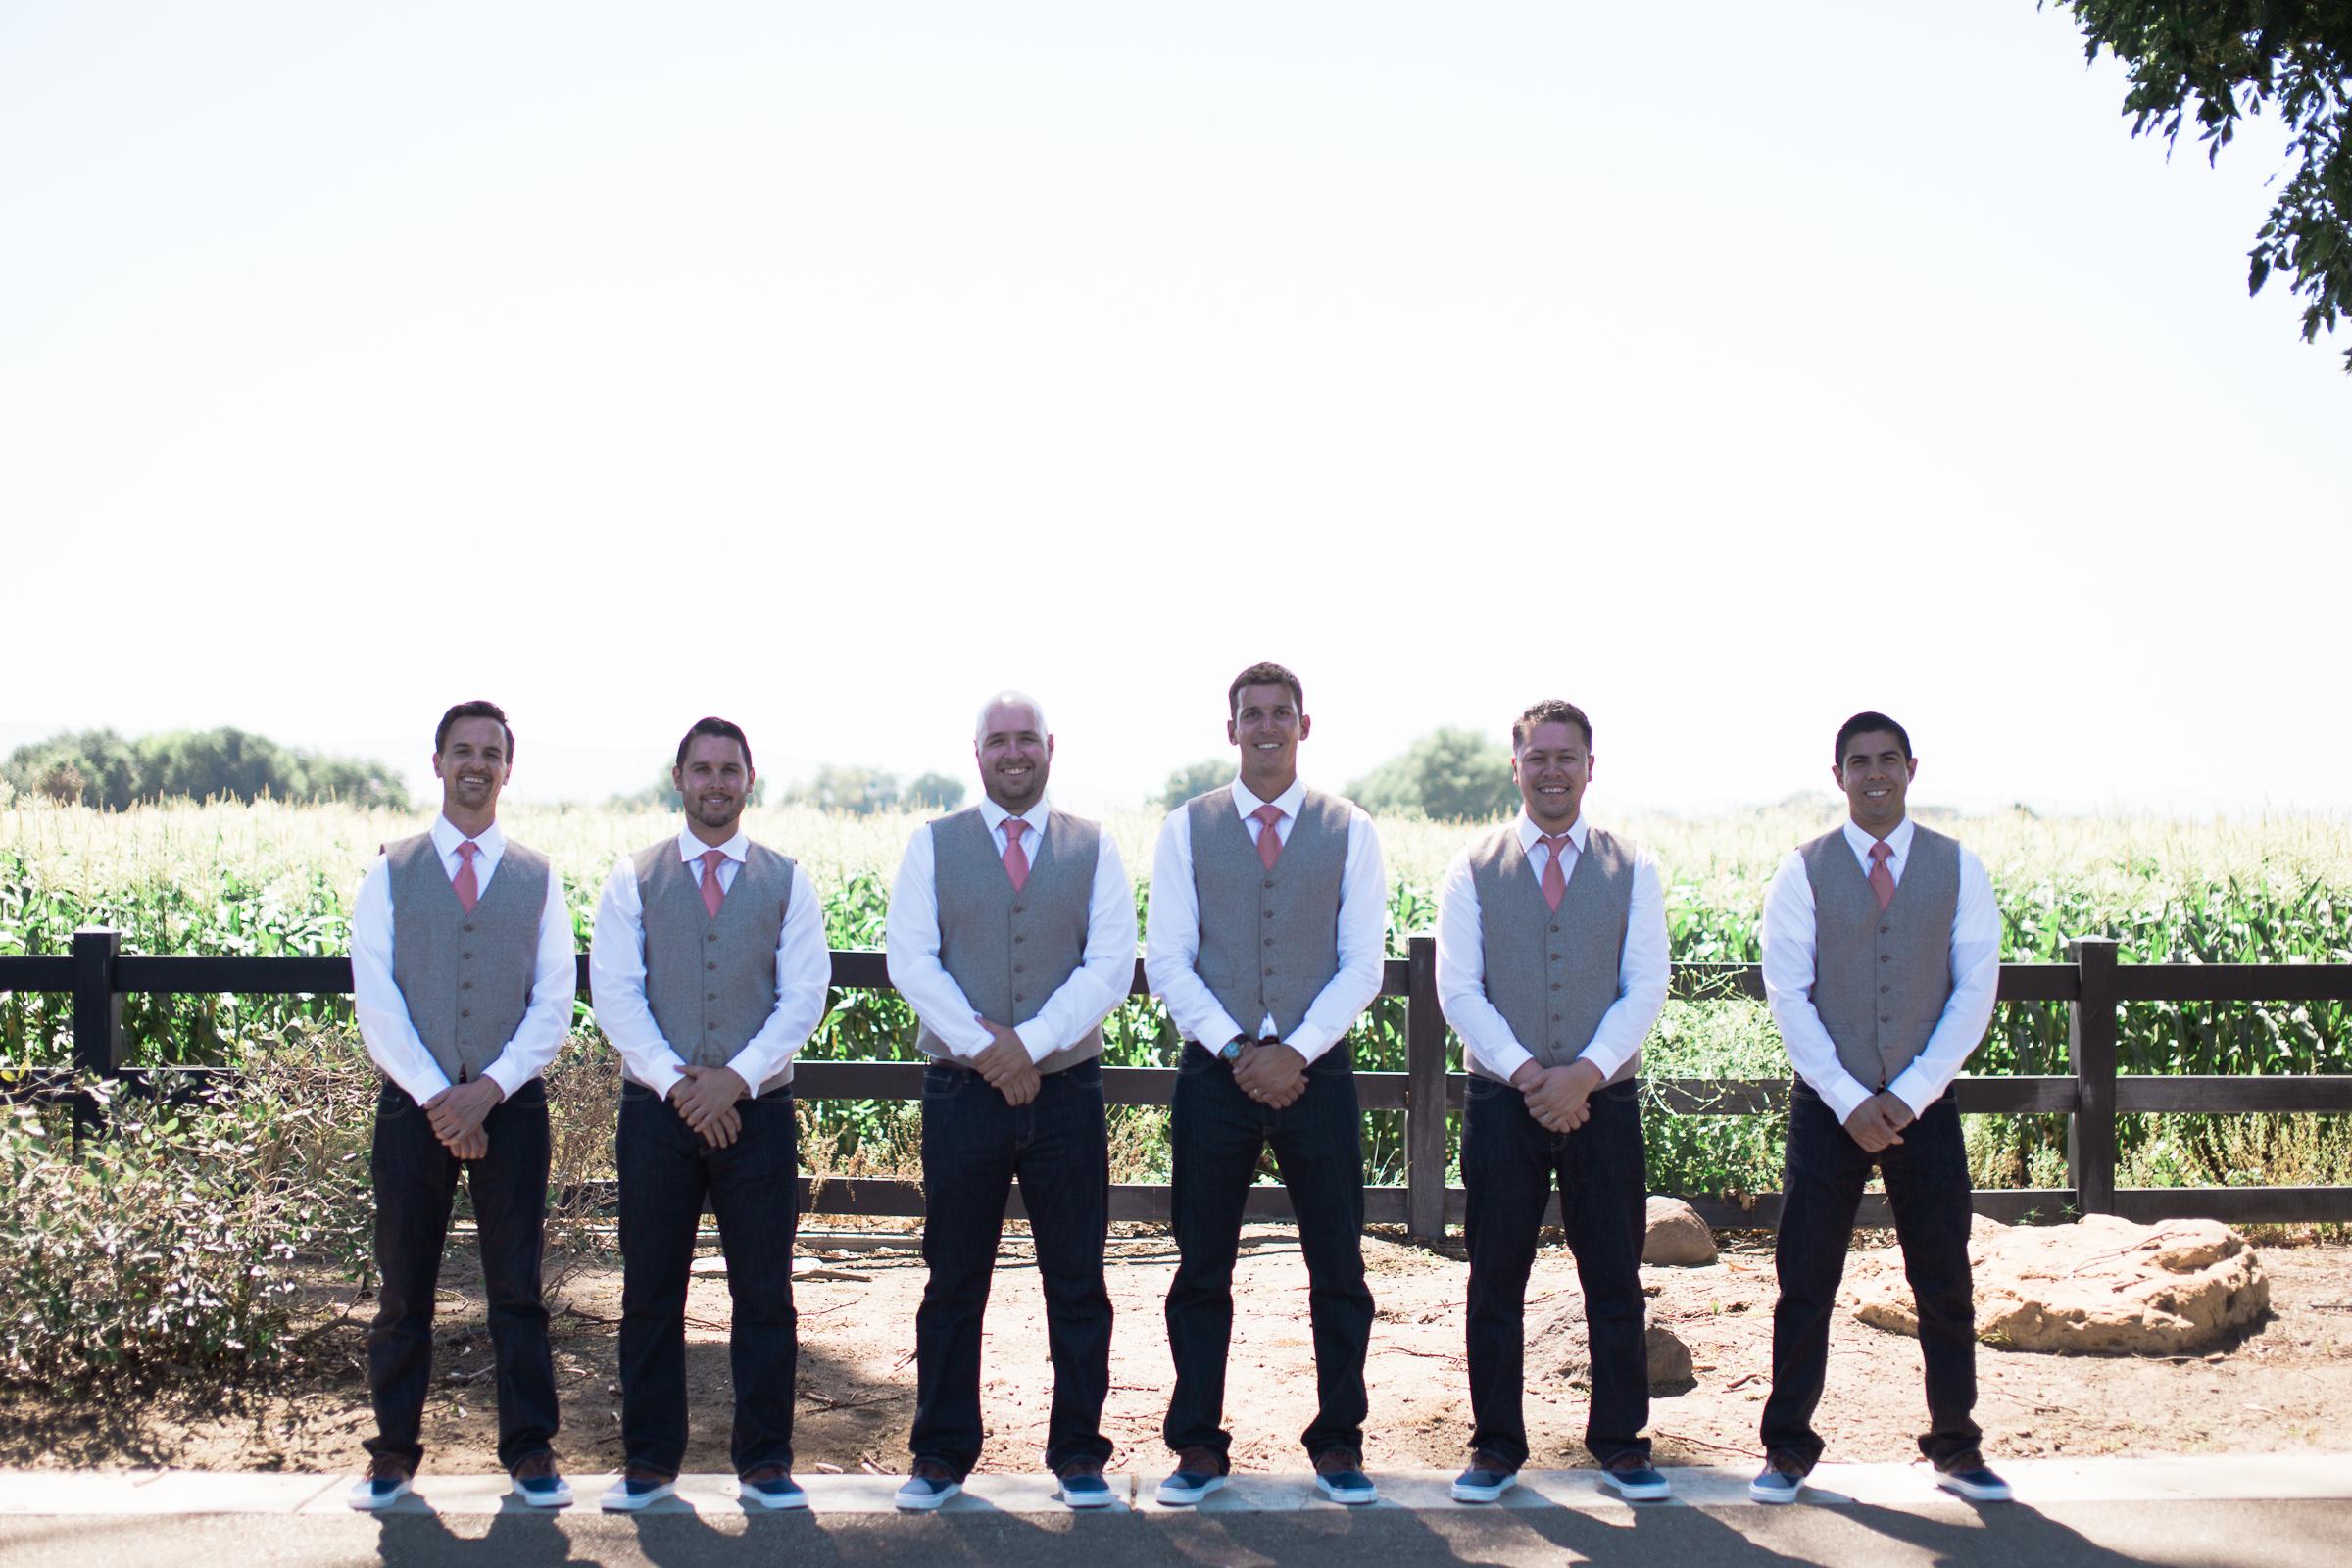 Andrew_and_Michelle_ByronCA_Leer_Vineyards_wedding-36.jpg